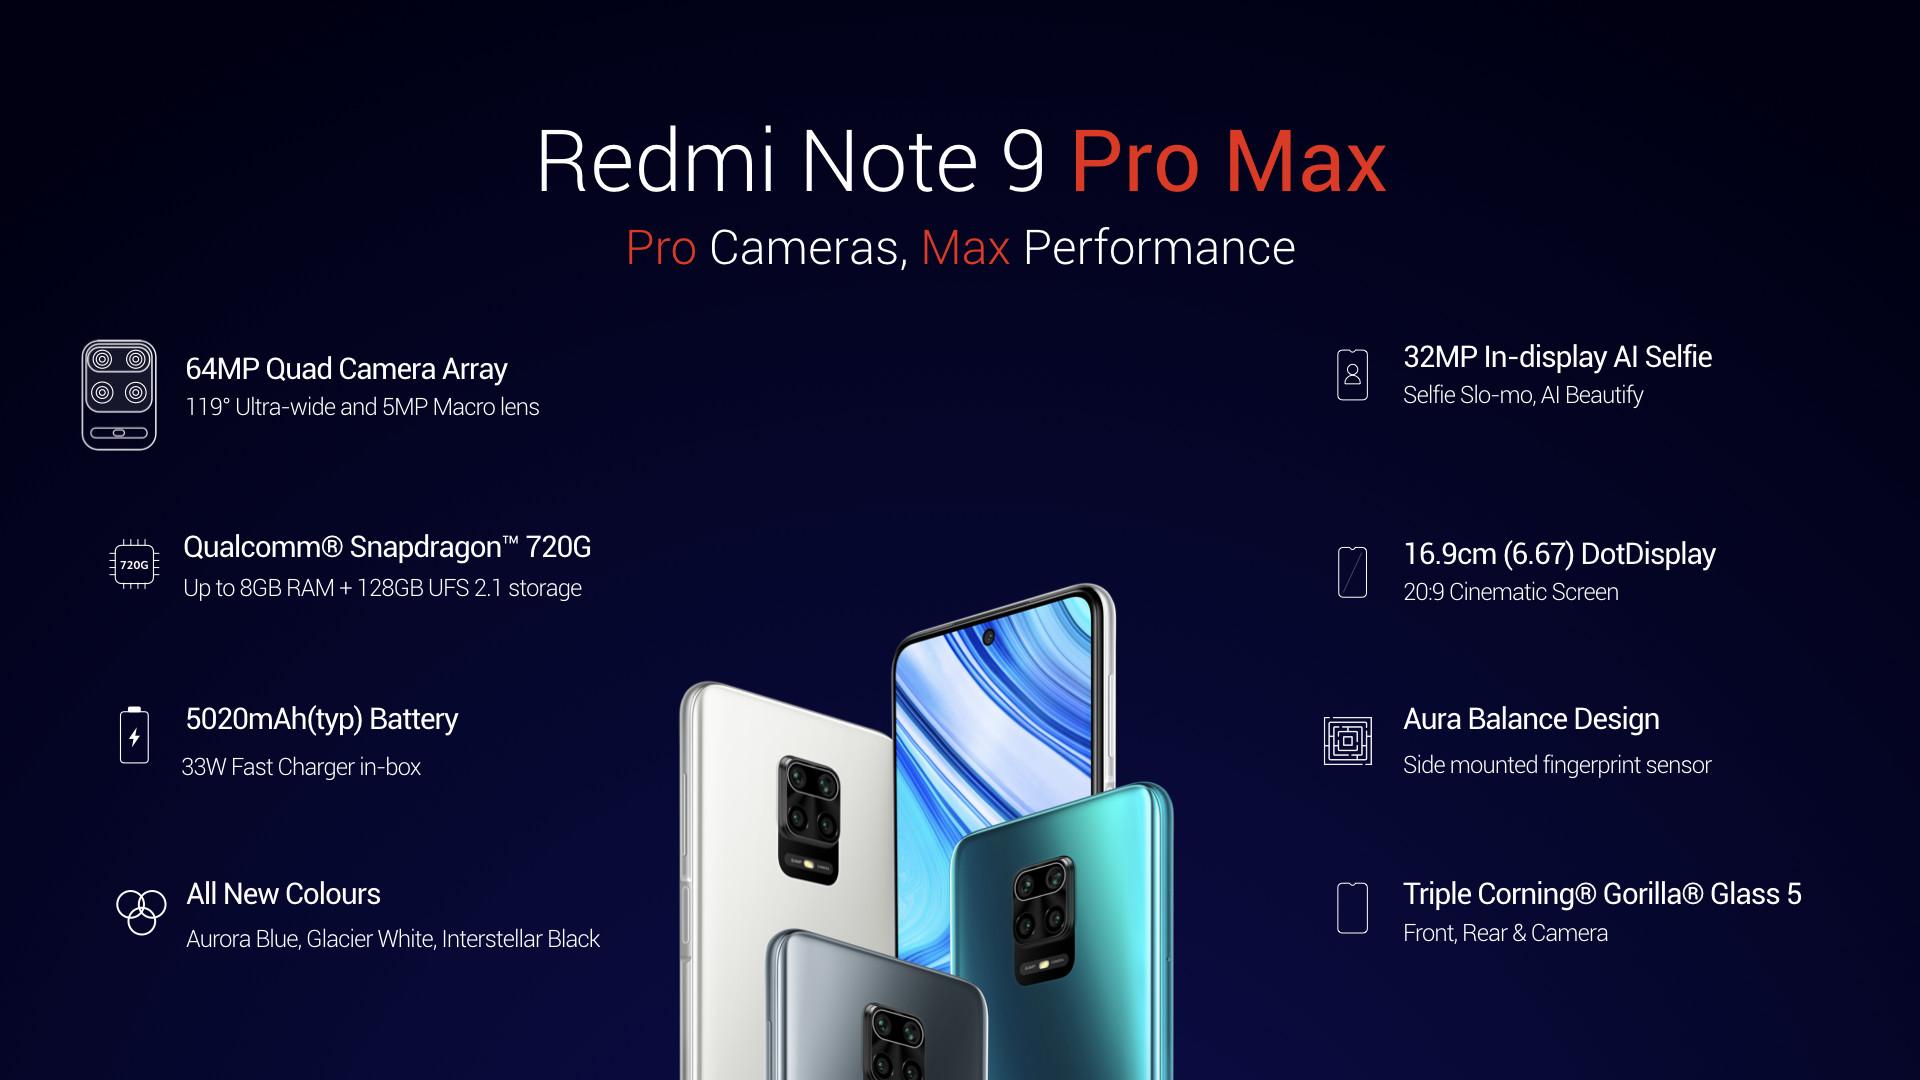 Xiaomi Redmi Note 9 Pro And Redmi Note 9 Pro Max Announced In India